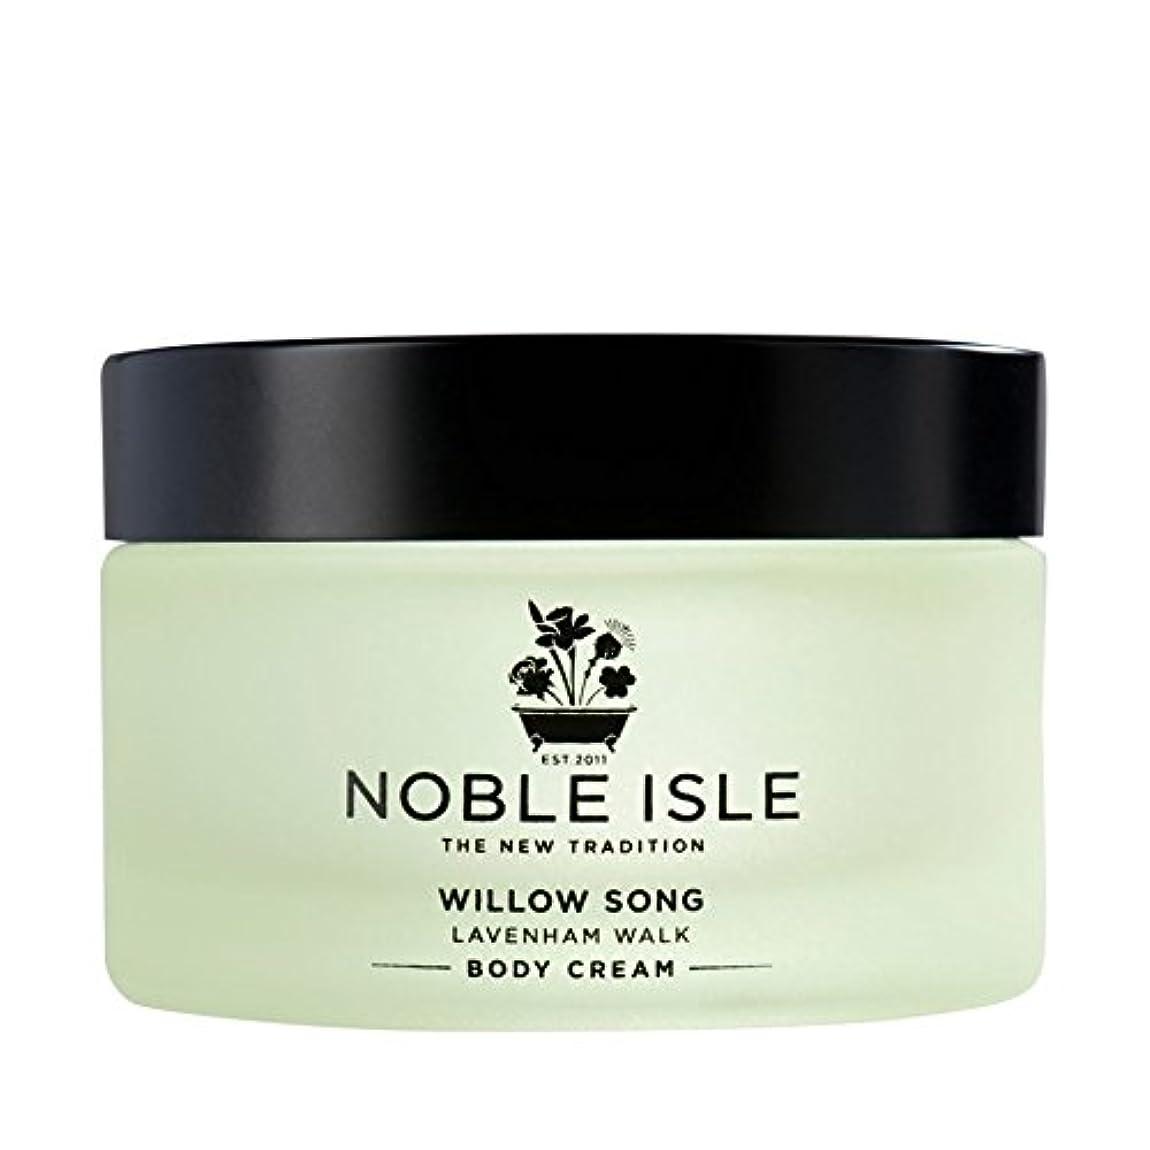 それから姿を消す不十分な高貴な島柳の歌ラヴァンハム徒歩ボディクリーム170ミリリットル x2 - Noble Isle Willow Song Lavenham Walk Body Cream 170ml (Pack of 2) [並行輸入品]